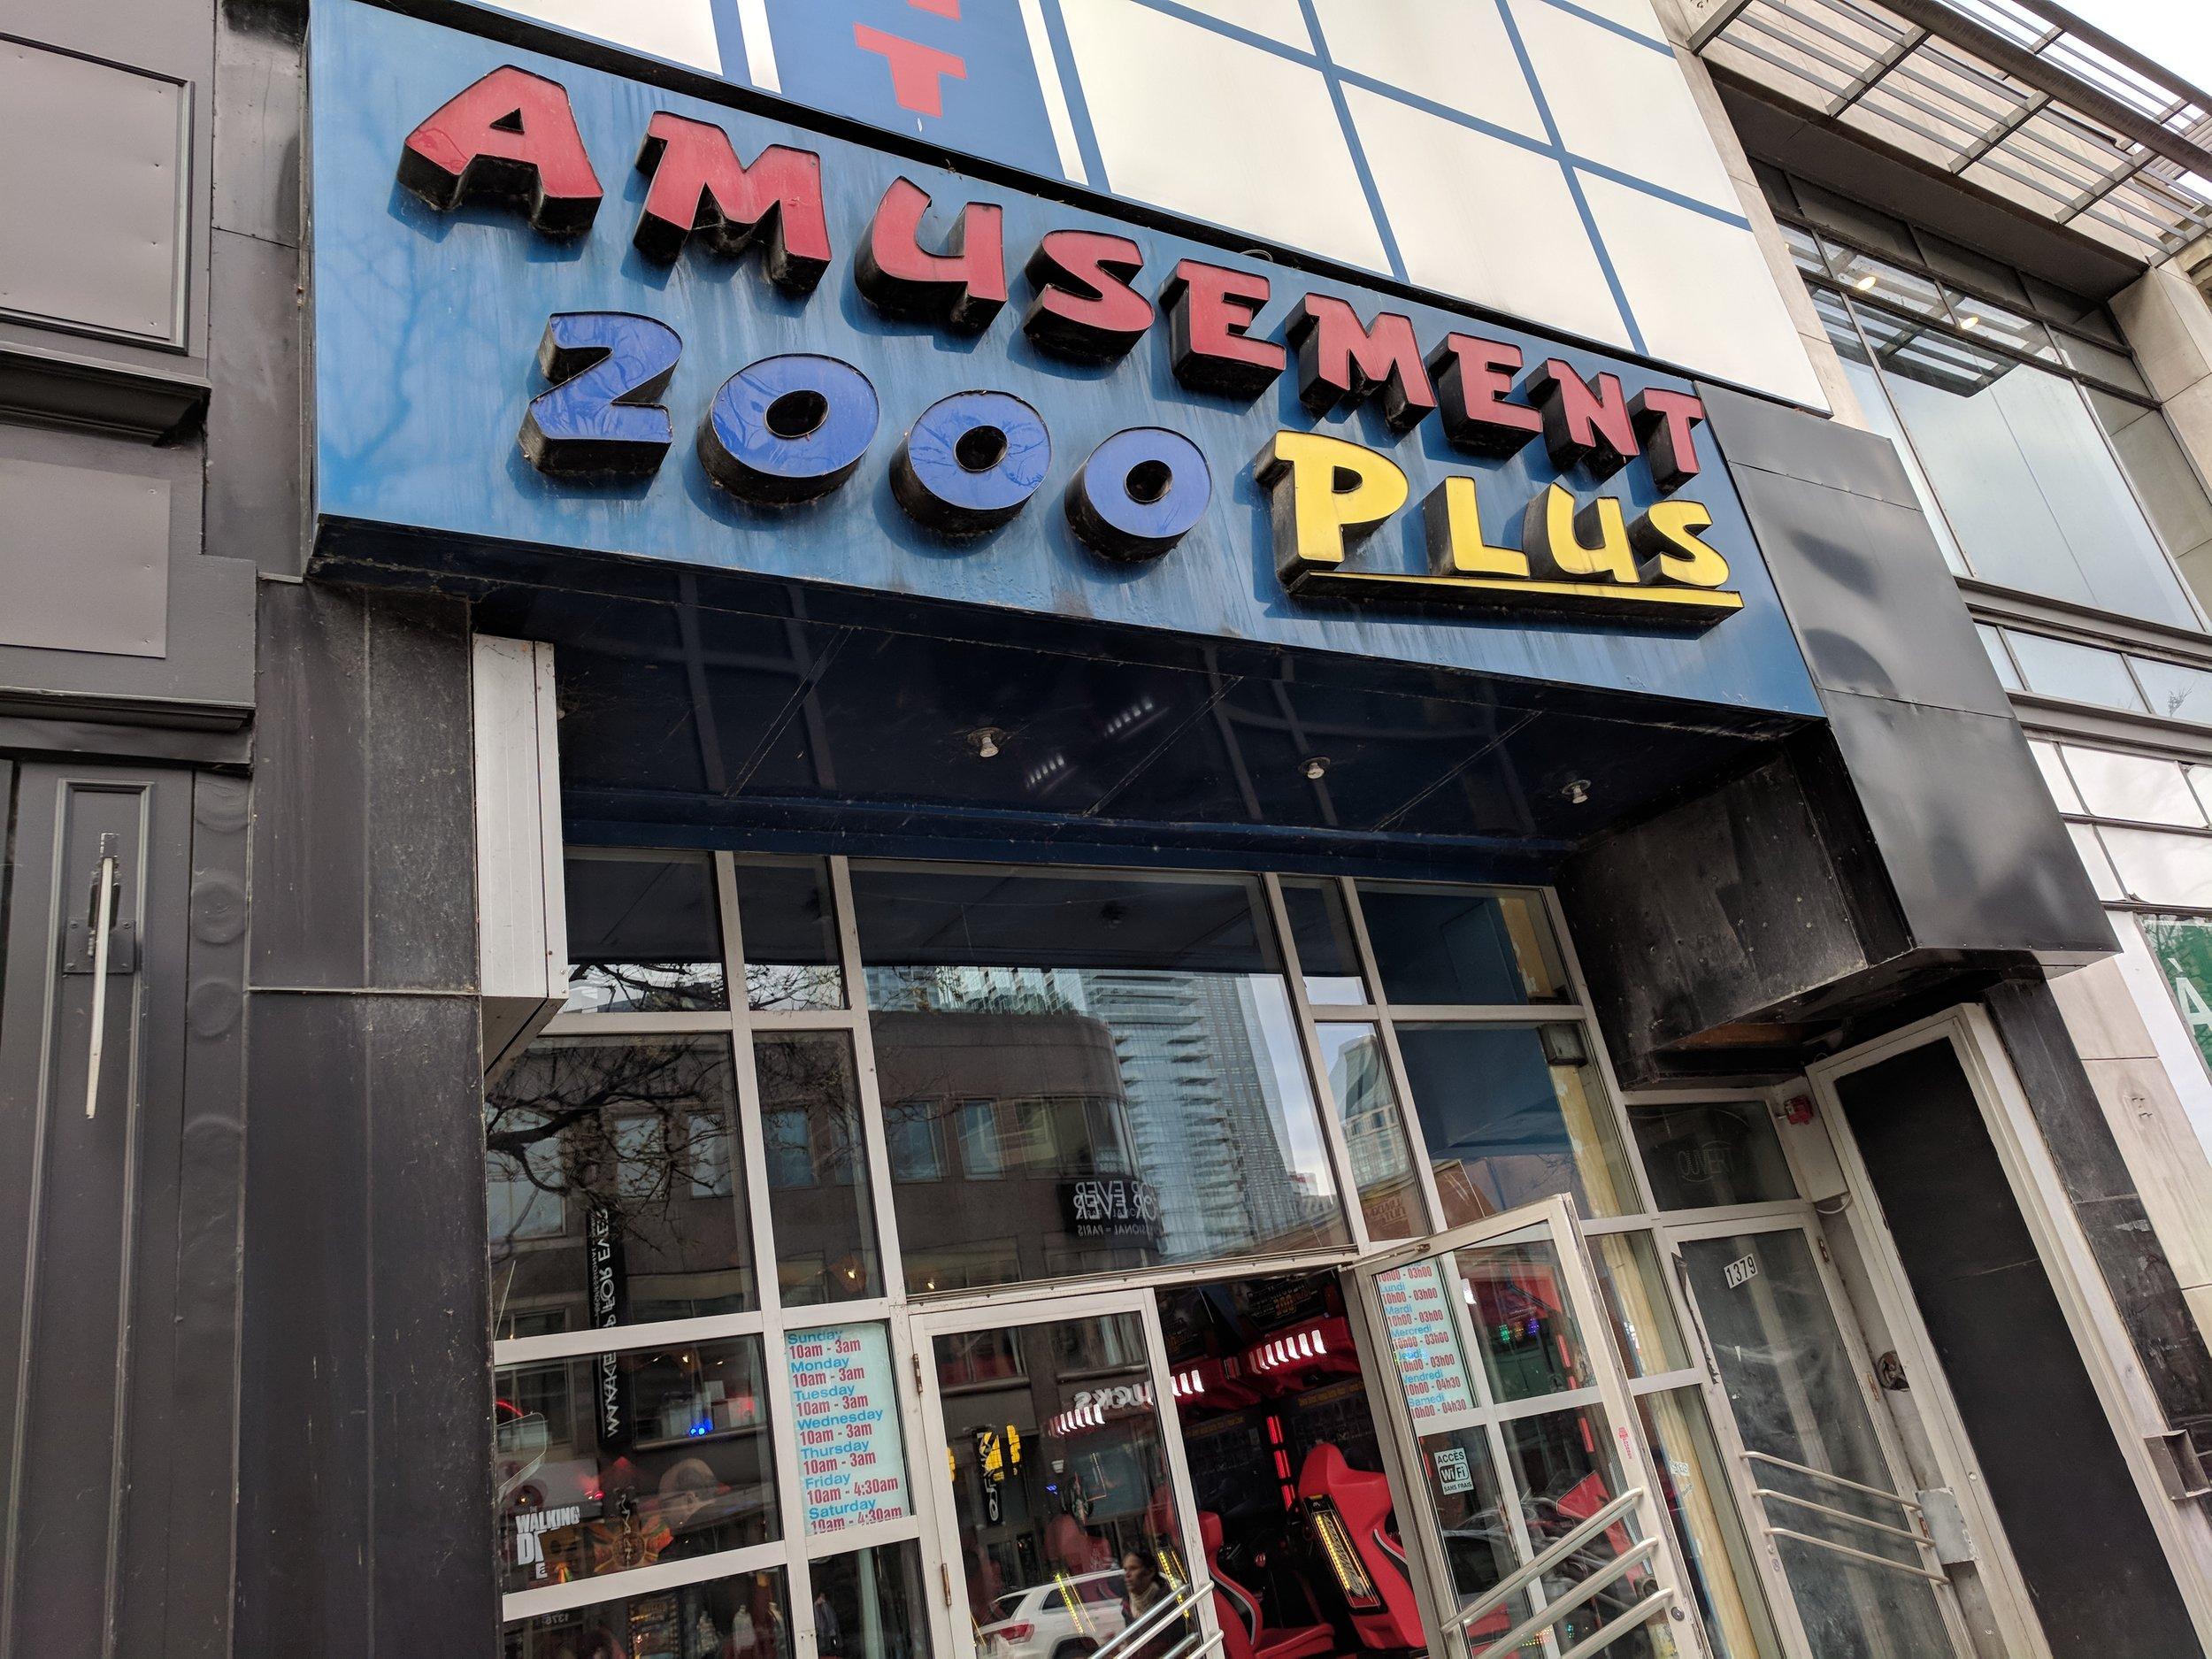 Amusement 2000 Plus